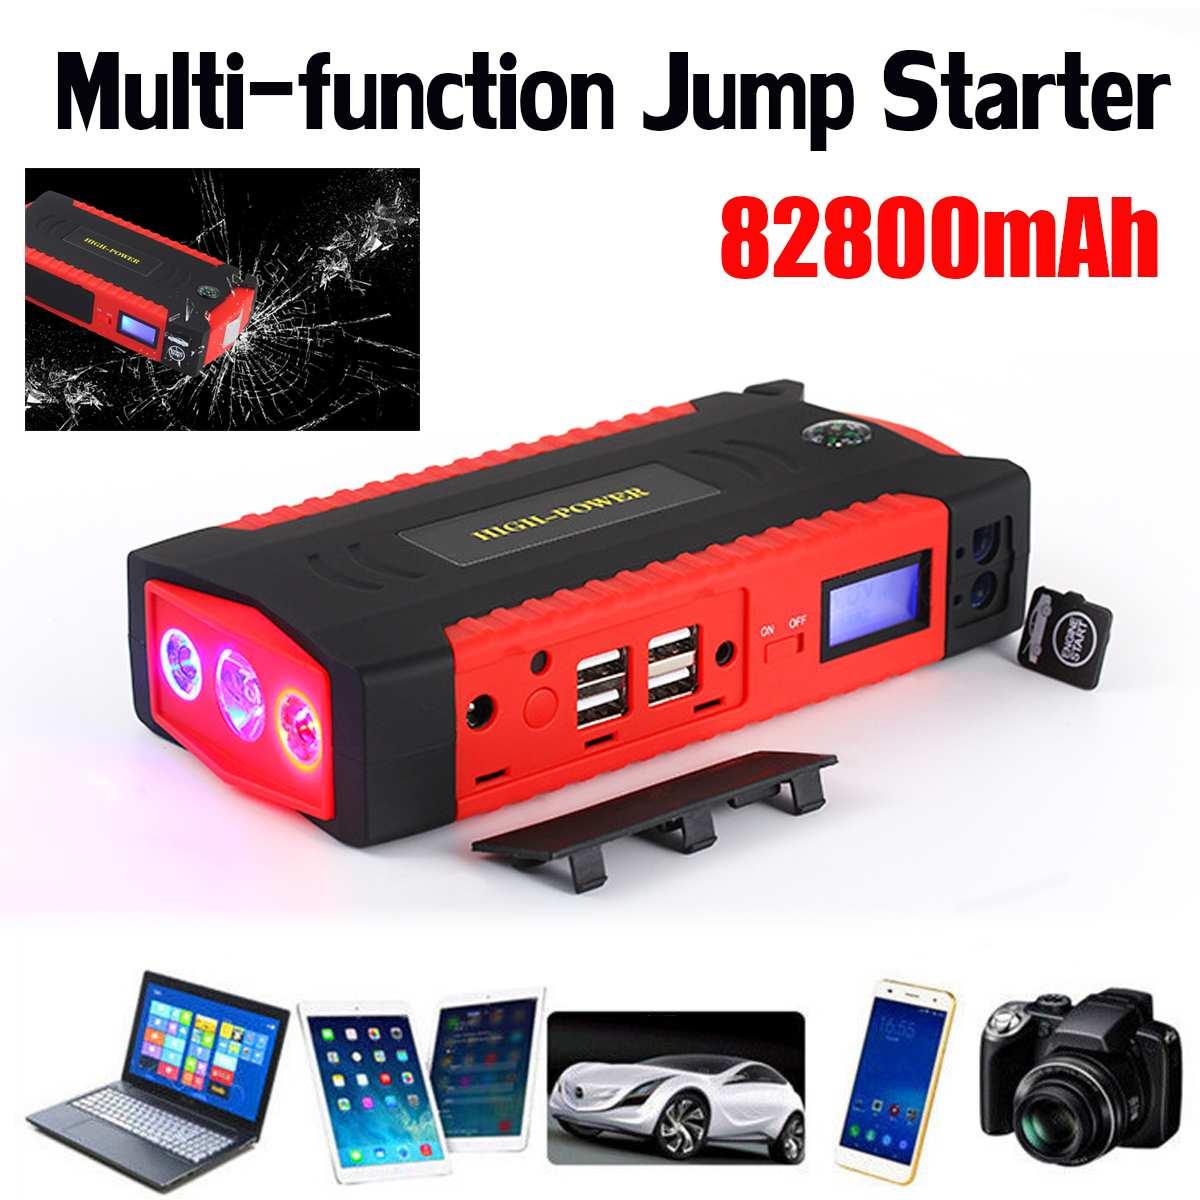 82800 mAh 4USB voiture saut démarreur multifonction chargeur de secours batterie externe Pack Booster 12 V dispositif de démarrage étanche